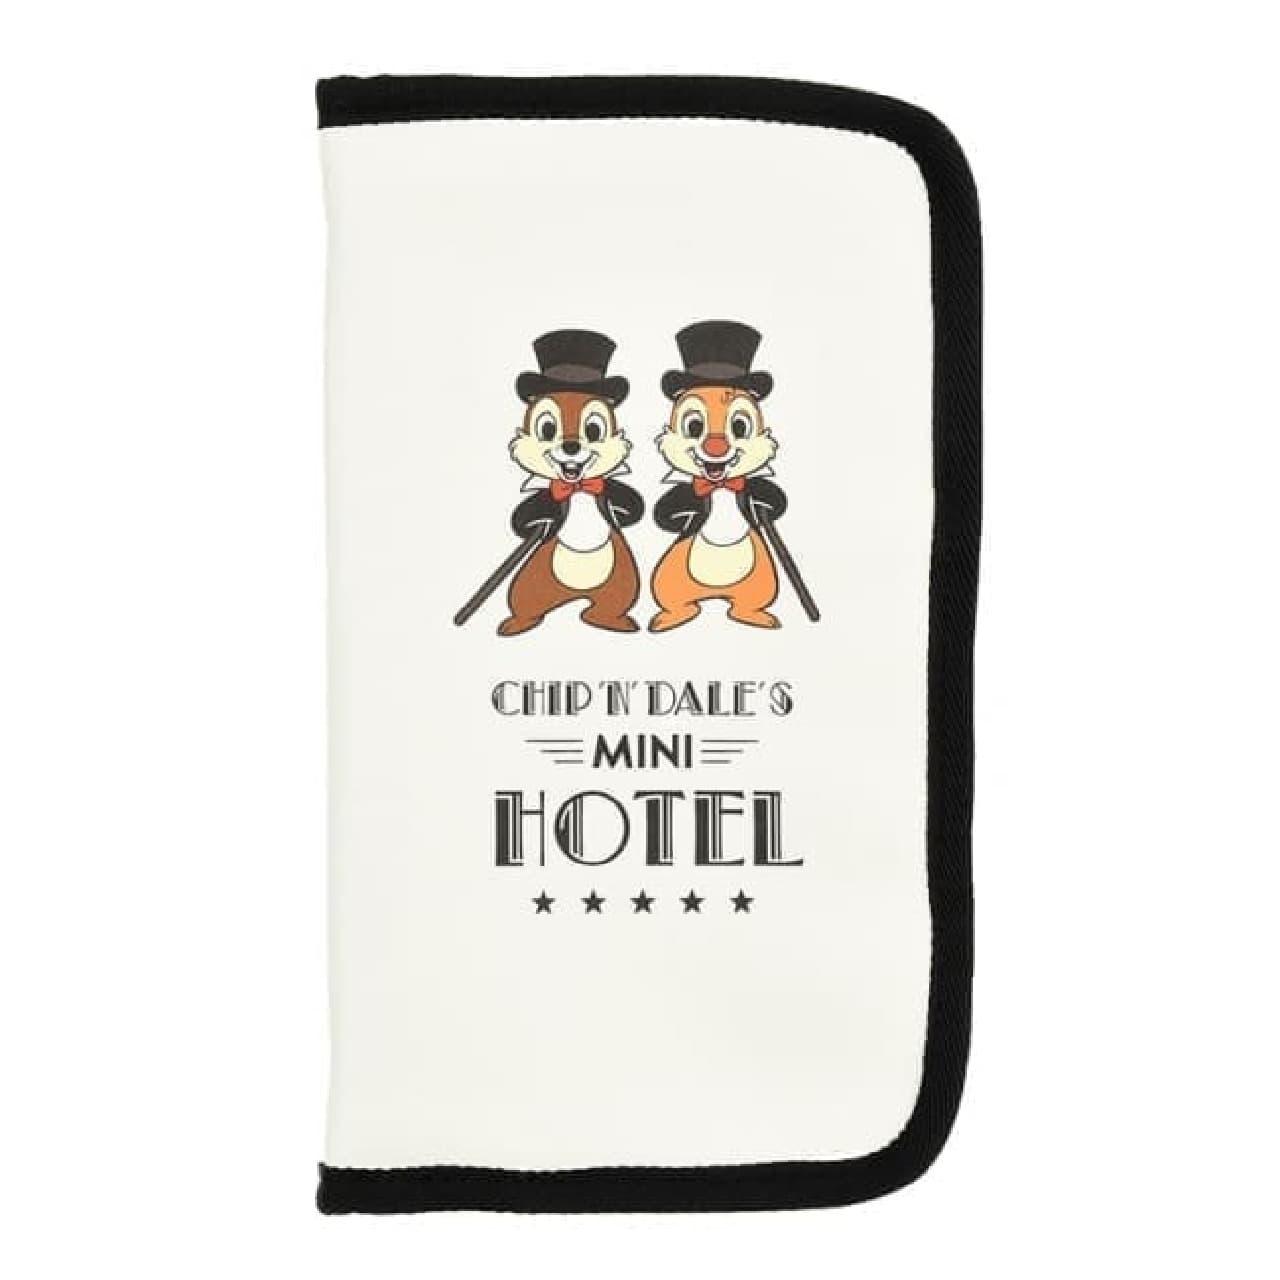 ディズニーストア「CHIP'N'DALE'S MINI HOTEL」